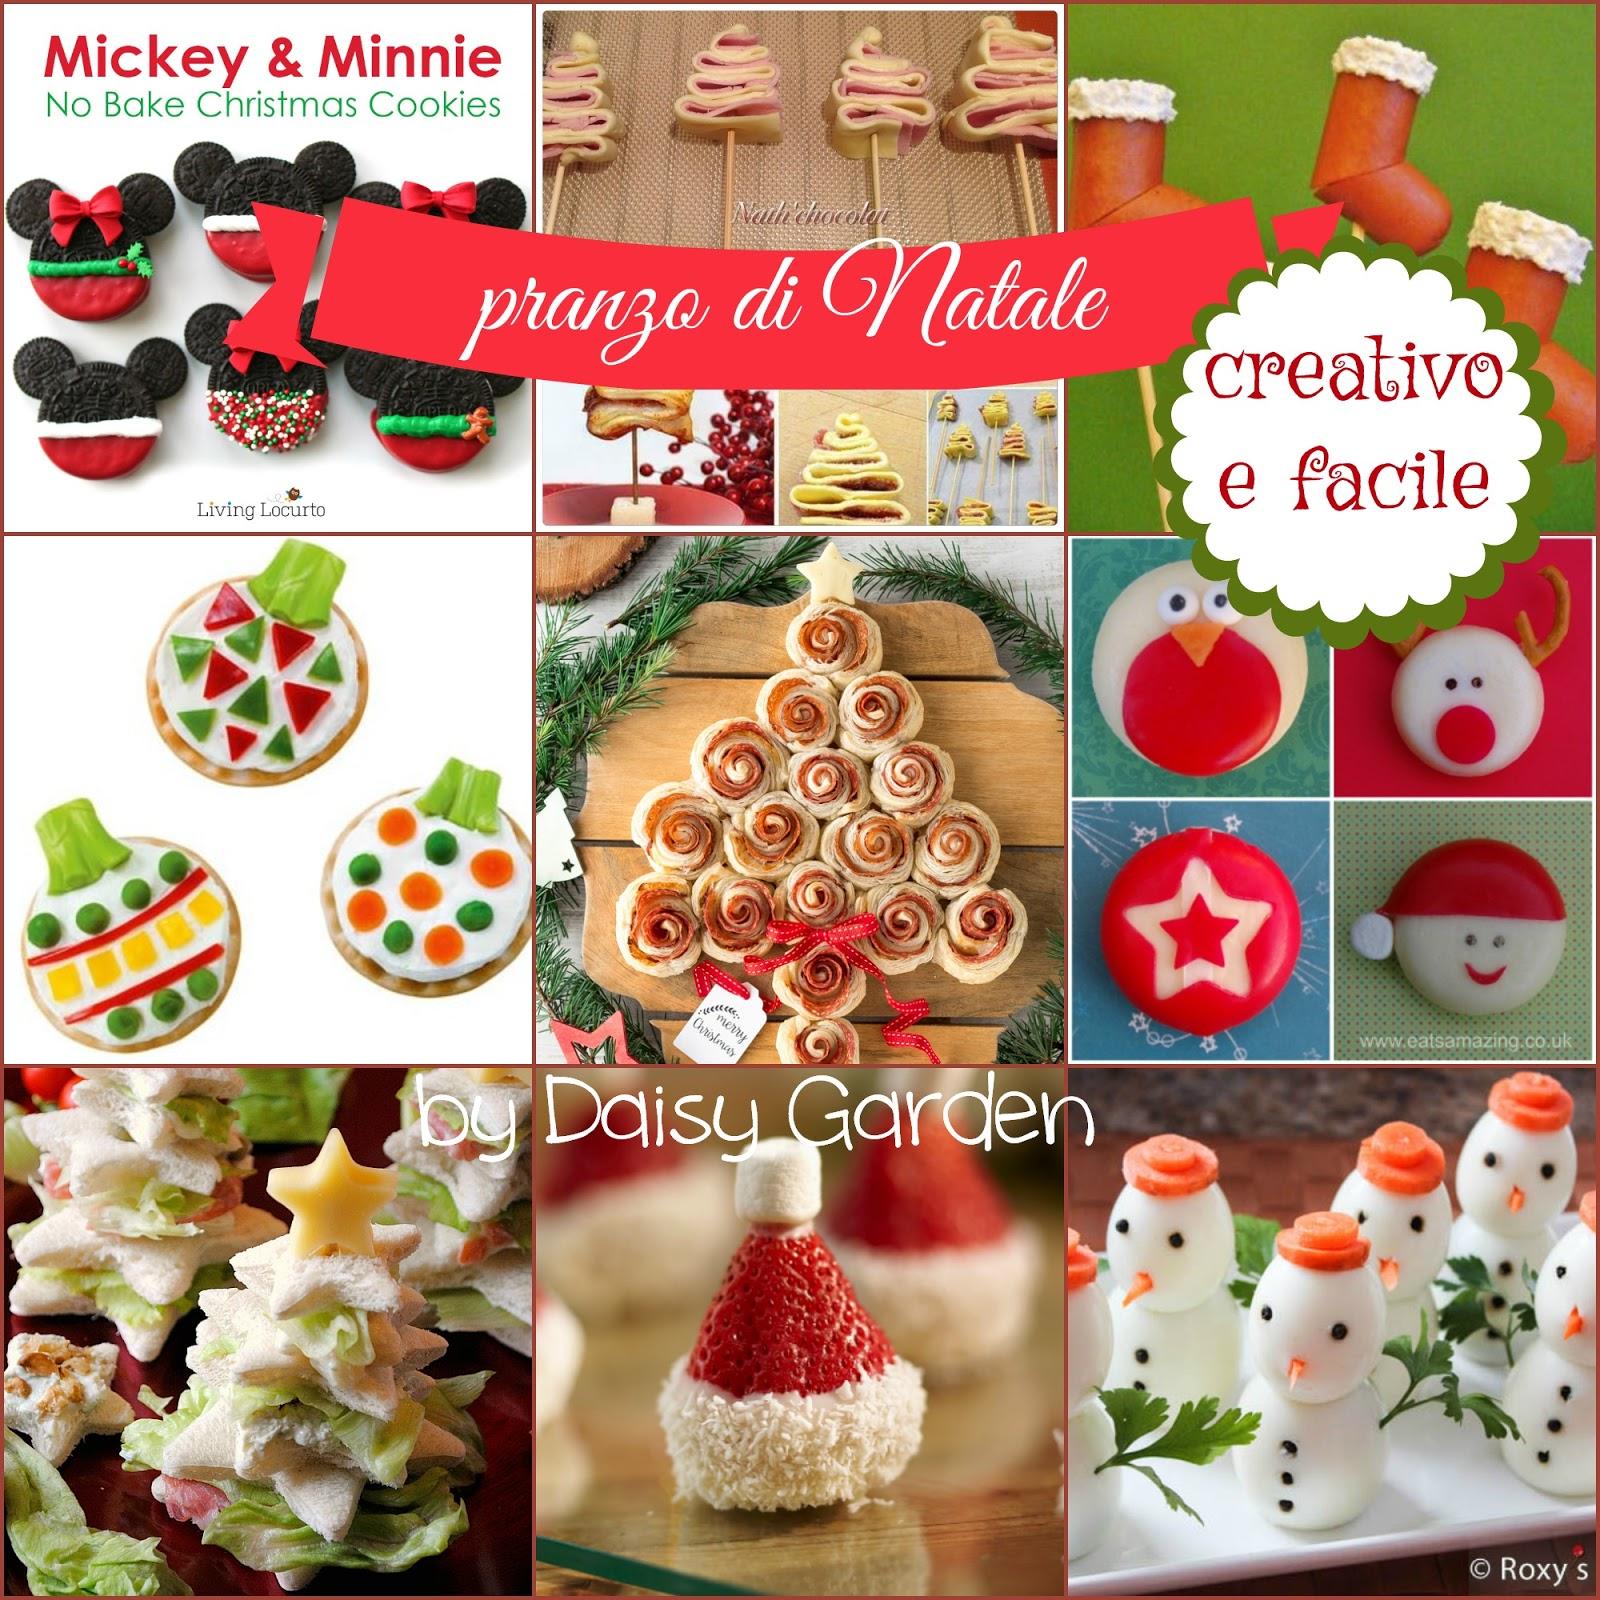 Daisy Garden: Idee per un pranzo di Natale creativo e facile